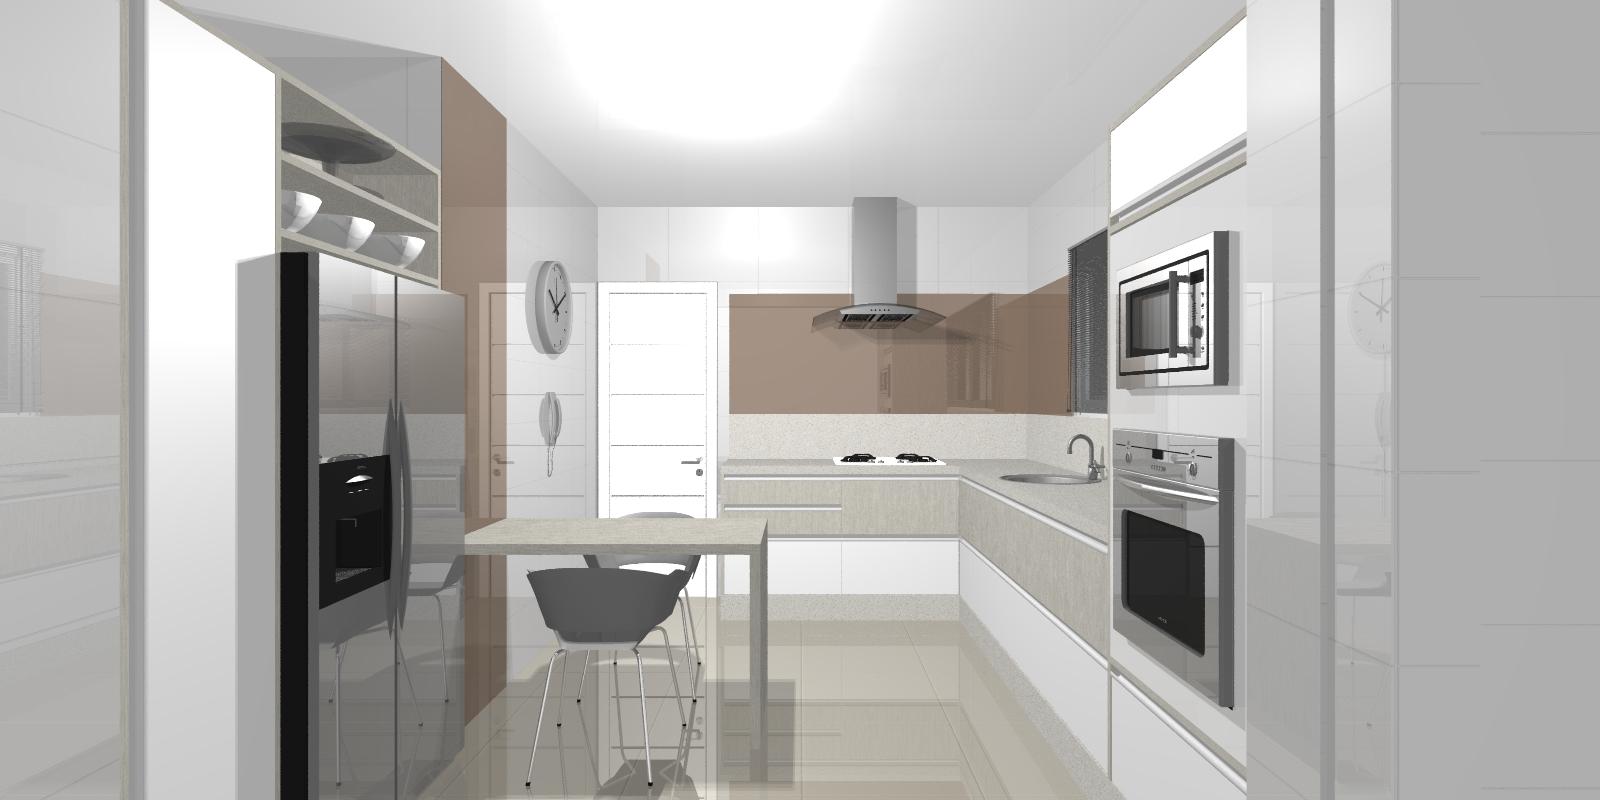 #655950 Fernanda Moschetta: Projetos de Interiores Residênciais Cozinhas 1600x800 px Projetos De Cozinha Para Apartamento #379 imagens